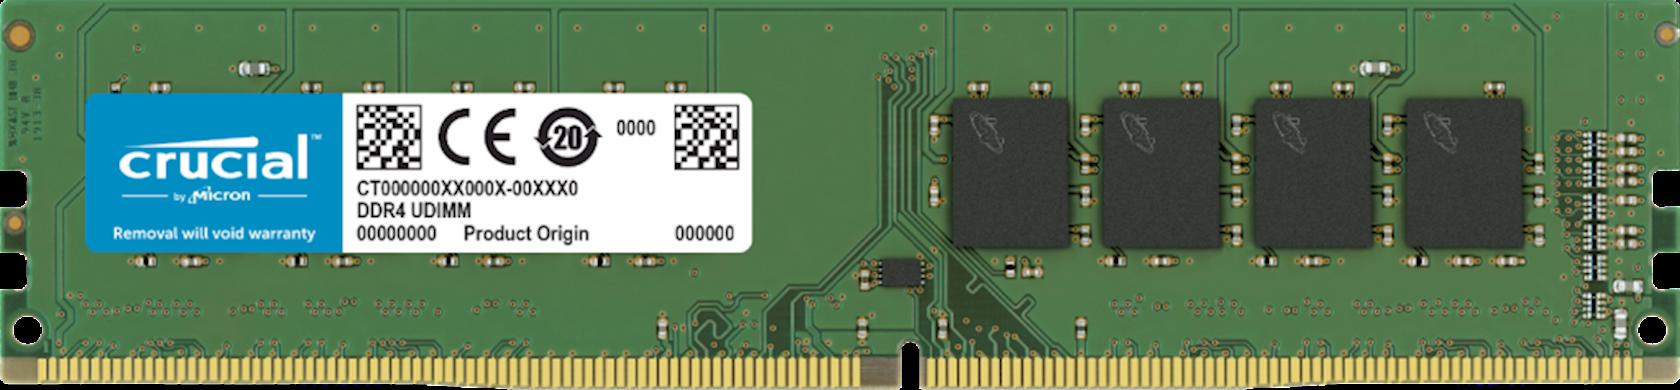 Operativ yaddaş Crucial 16GB DDR4-2666 UDIMM 2666MHz